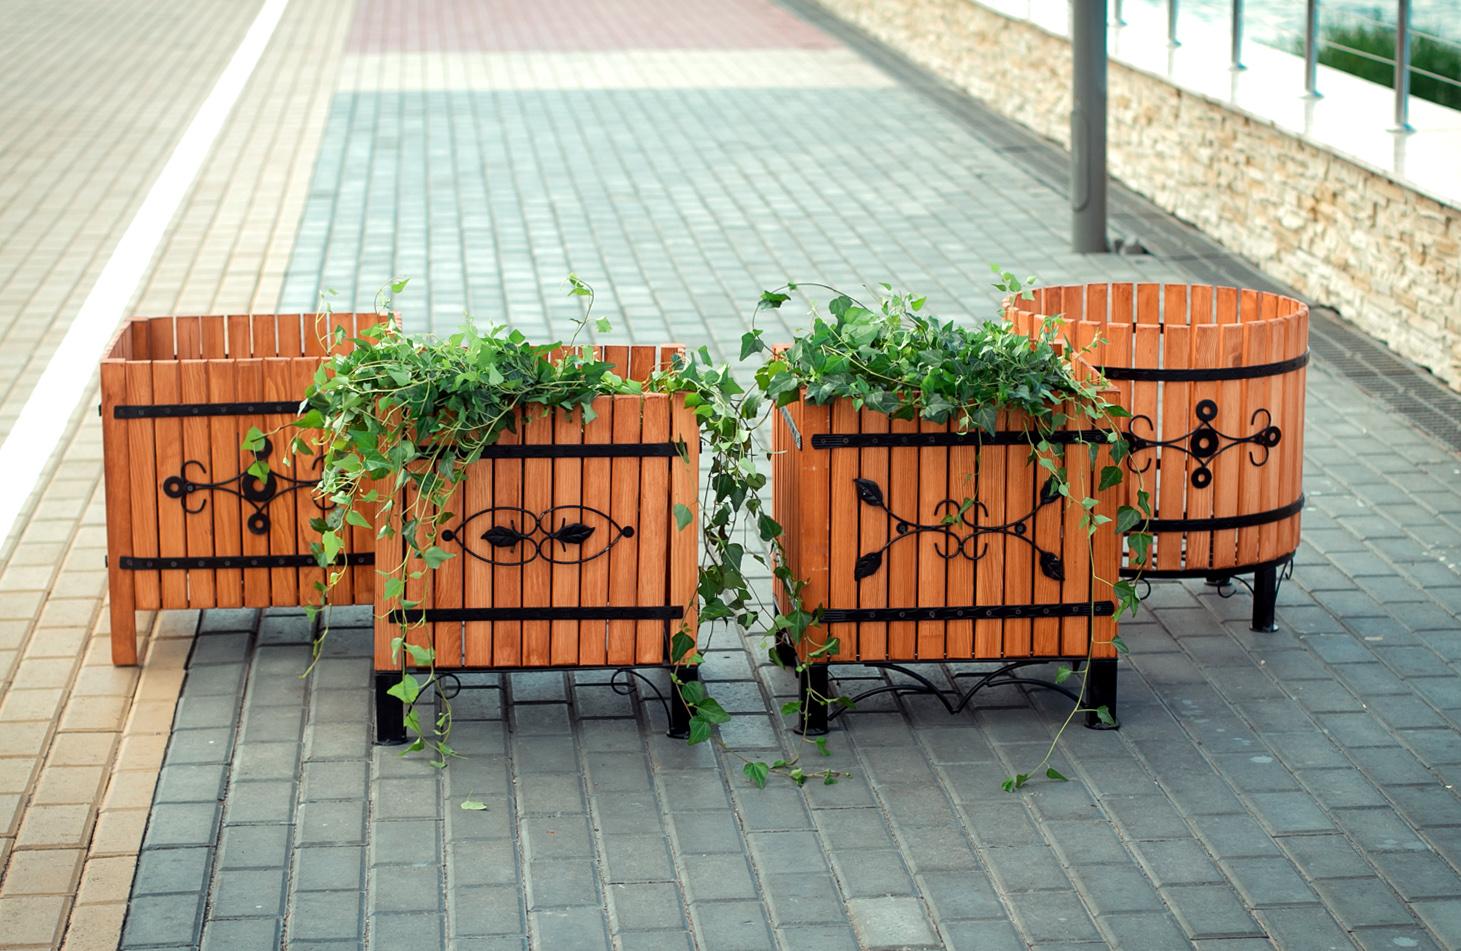 кадки контейнеры для цветов растений купить недорого со скидкой